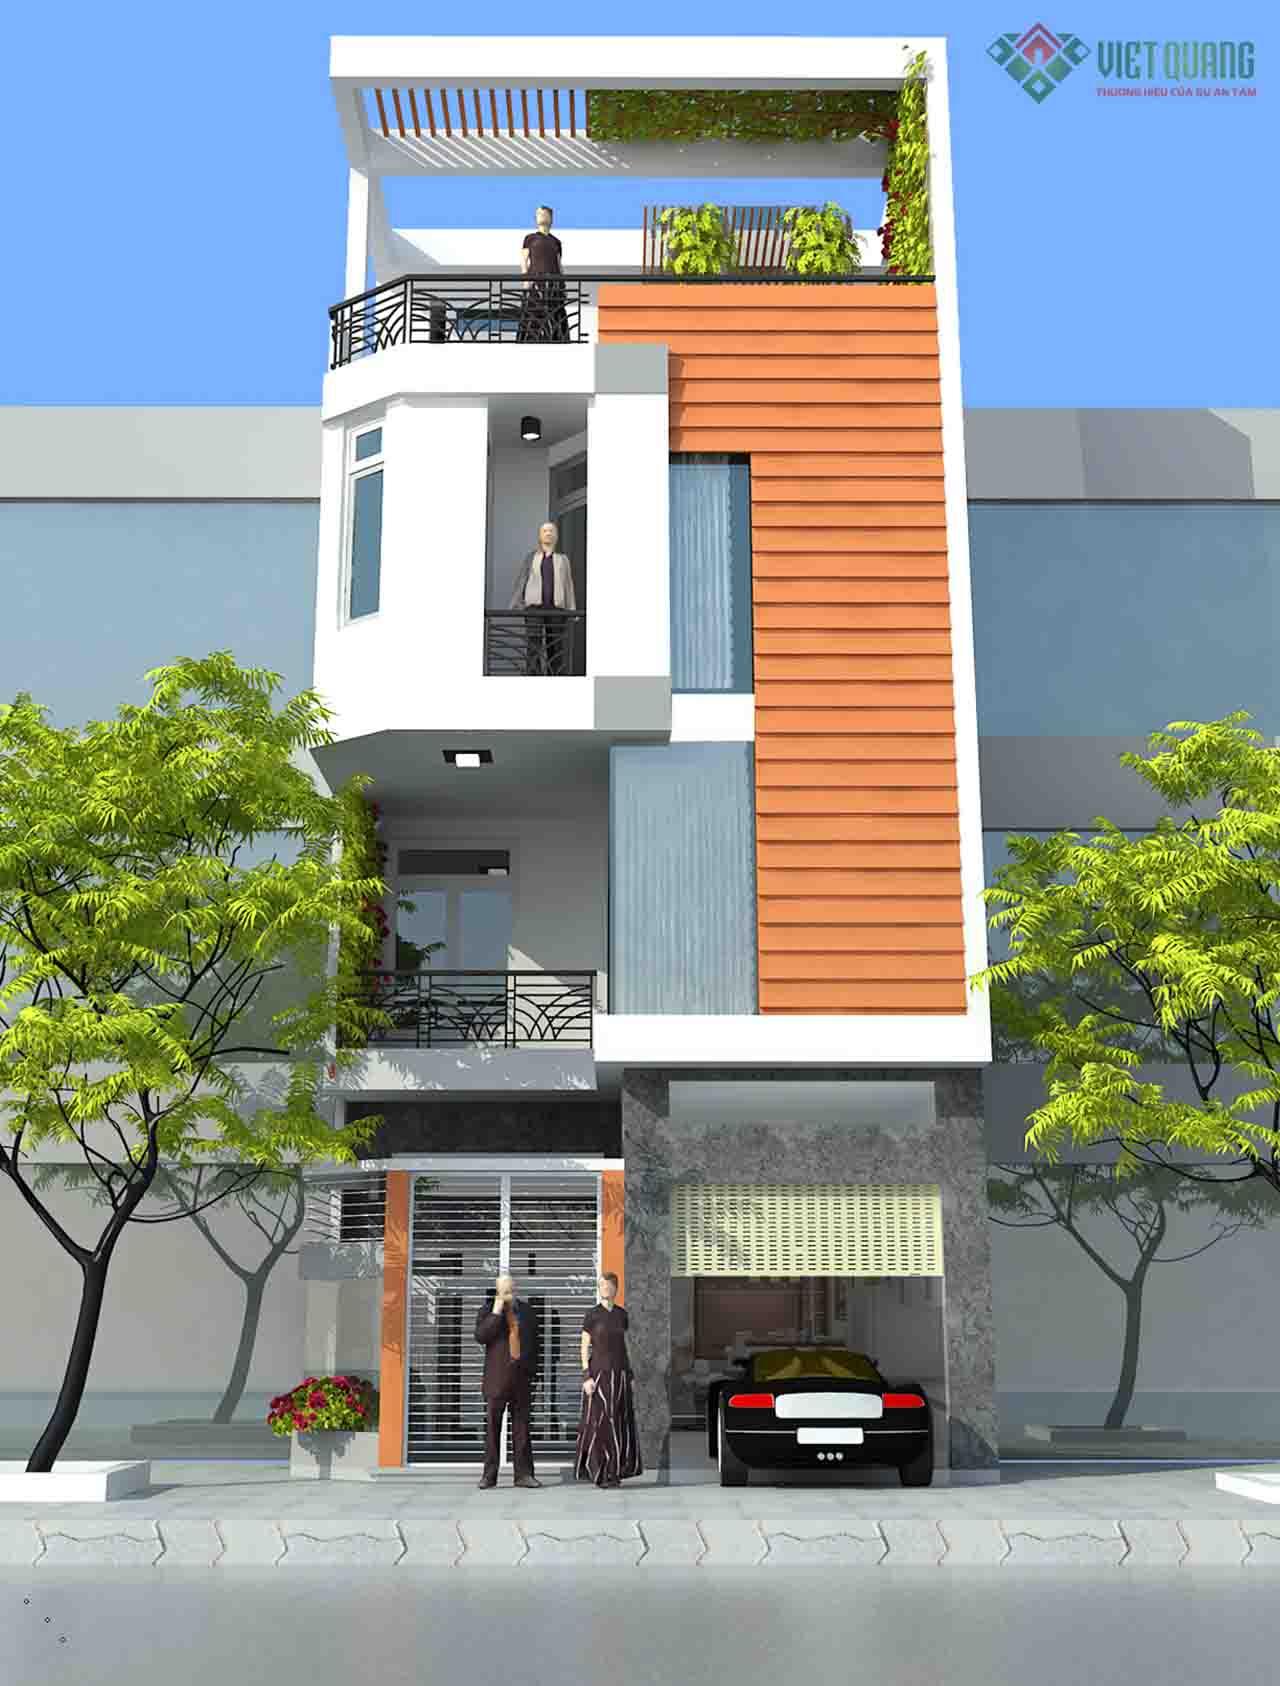 Nhà phố 3 tầng hiện đại thiết kế theo phong cách mái bằng